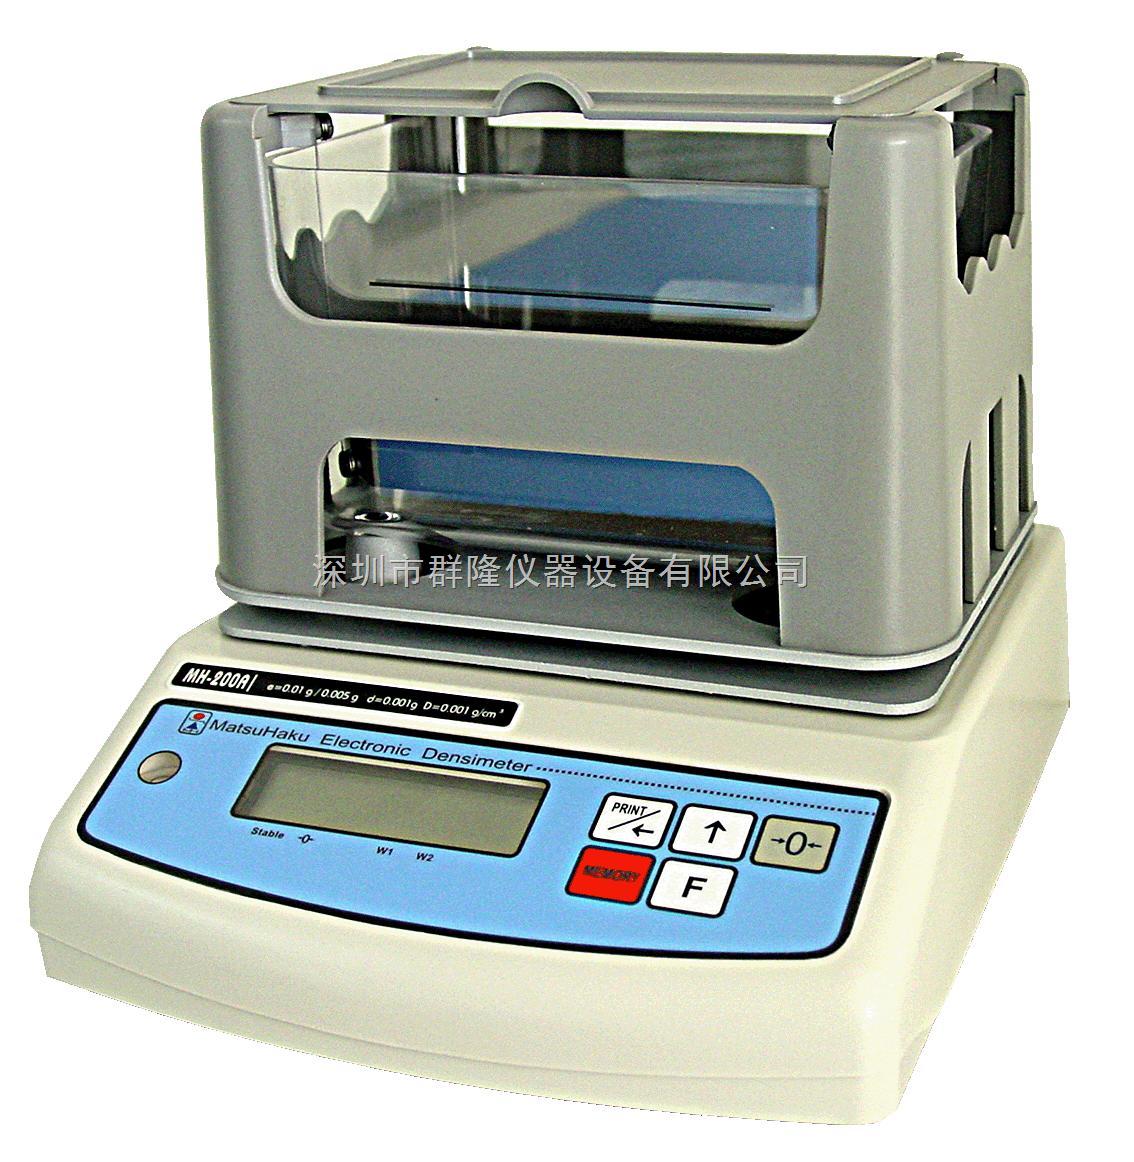 硫化橡胶、鞋材磨耗体积、指数测试仪 QL-300DR